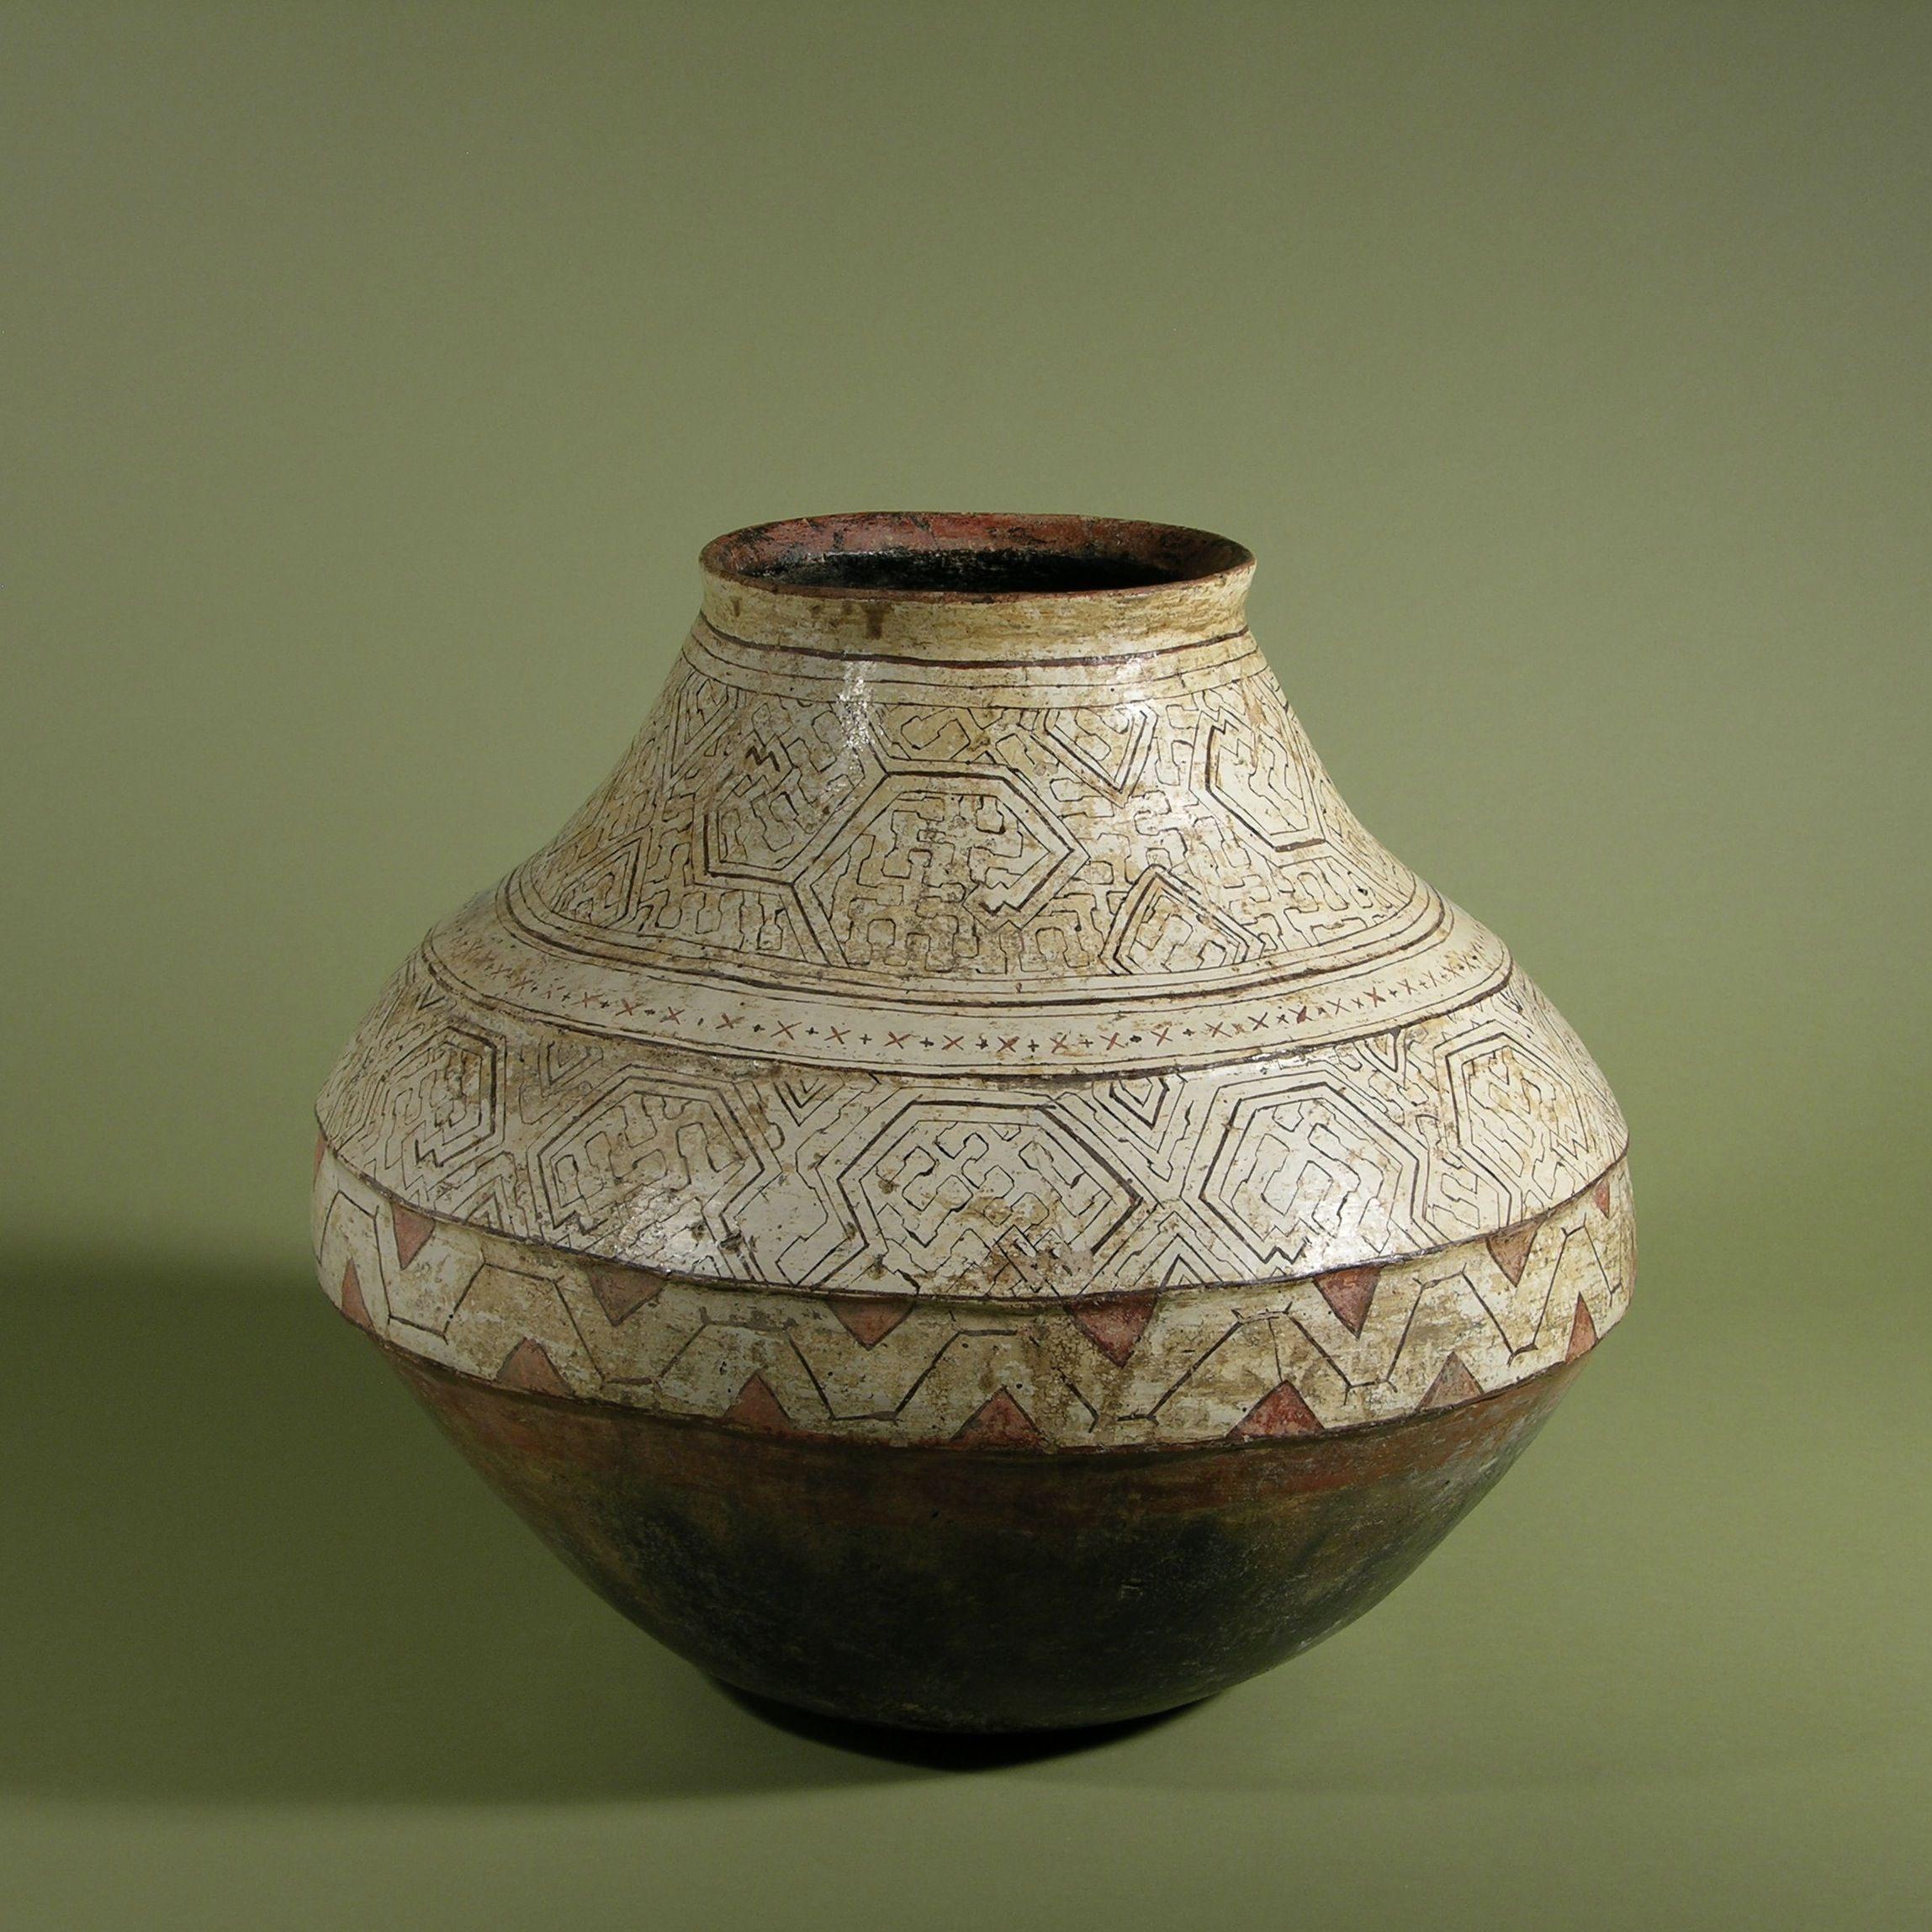 Dating ceramics